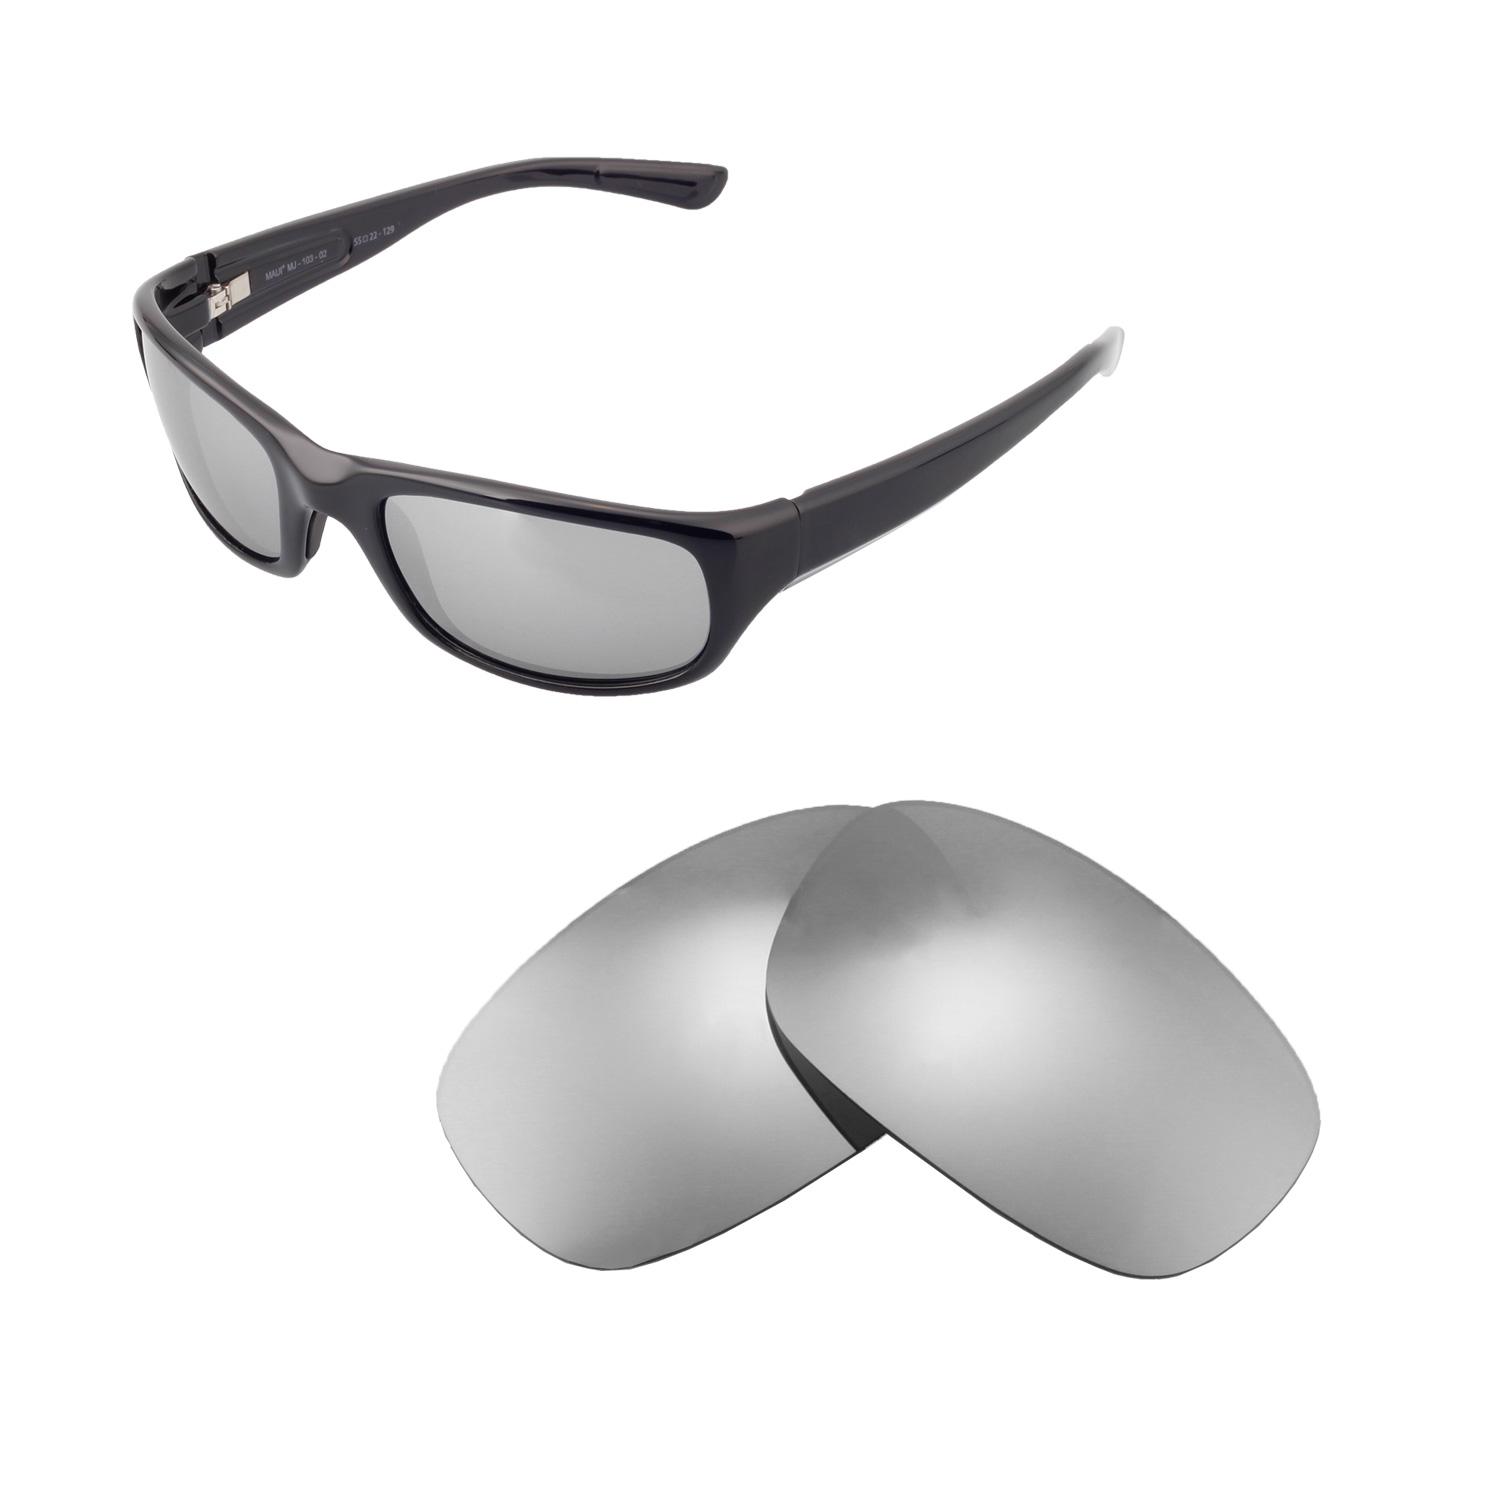 8cb6f22b9 Detalhes sobre Lentes Walleva polarizadas titânio lentes De Reposição Para  Maui Jim Óculos De Sol Stingray- mostrar título no original